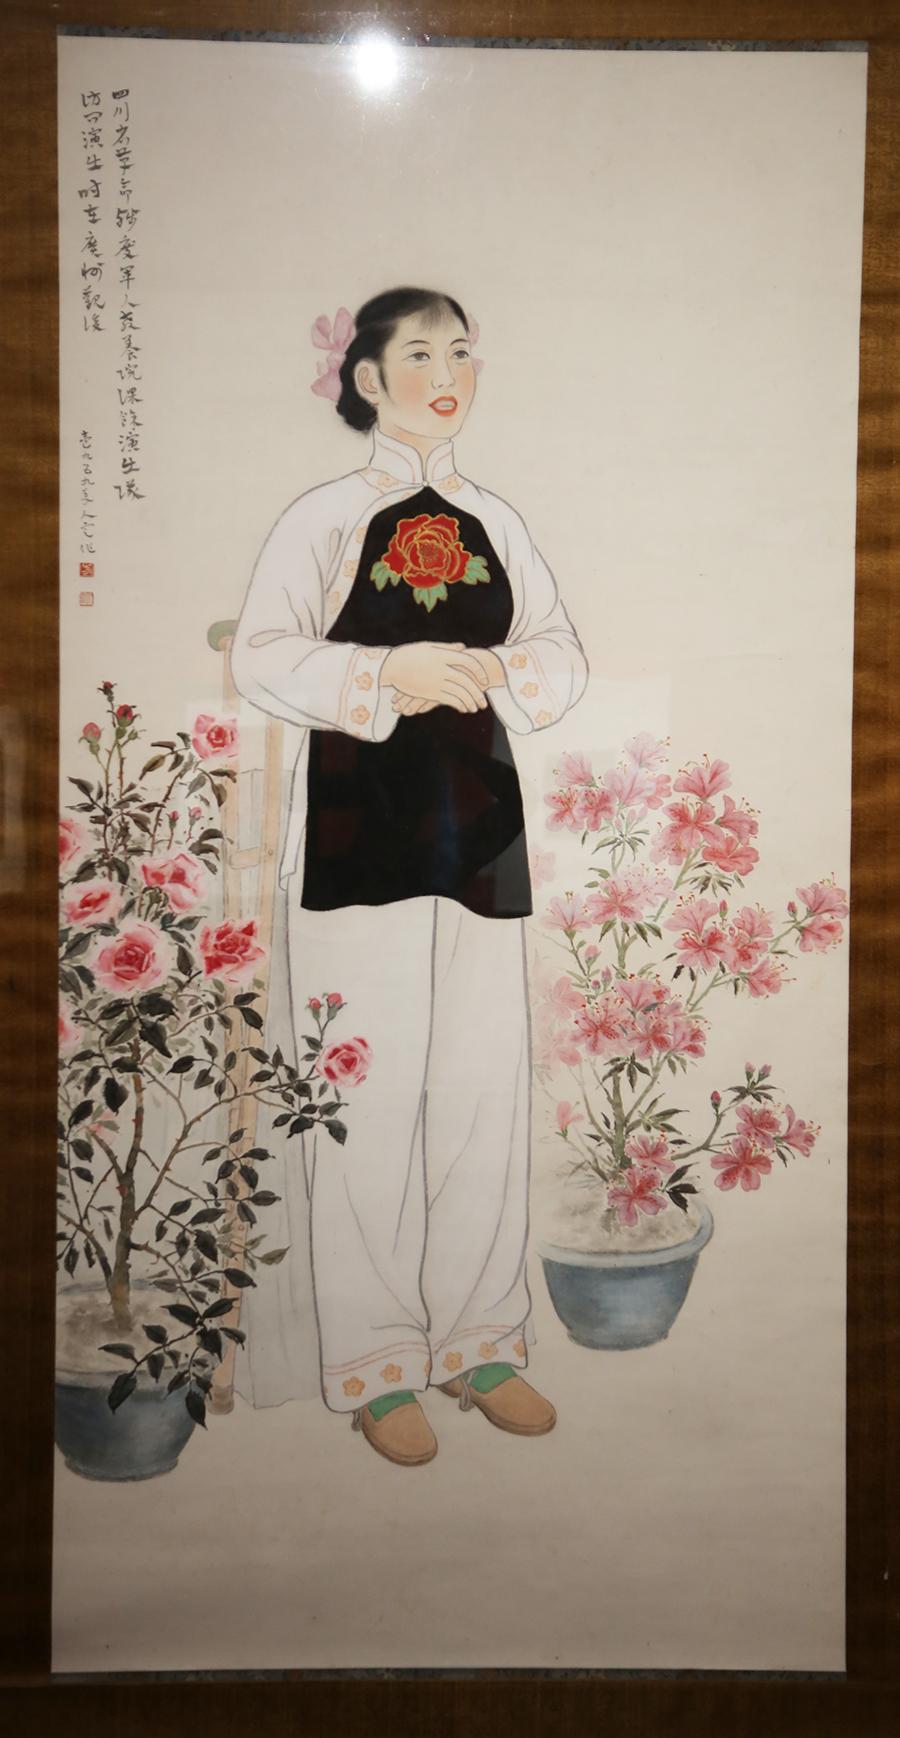 方定人 《最坚强的人》 1959年 中国画 广东美术馆藏